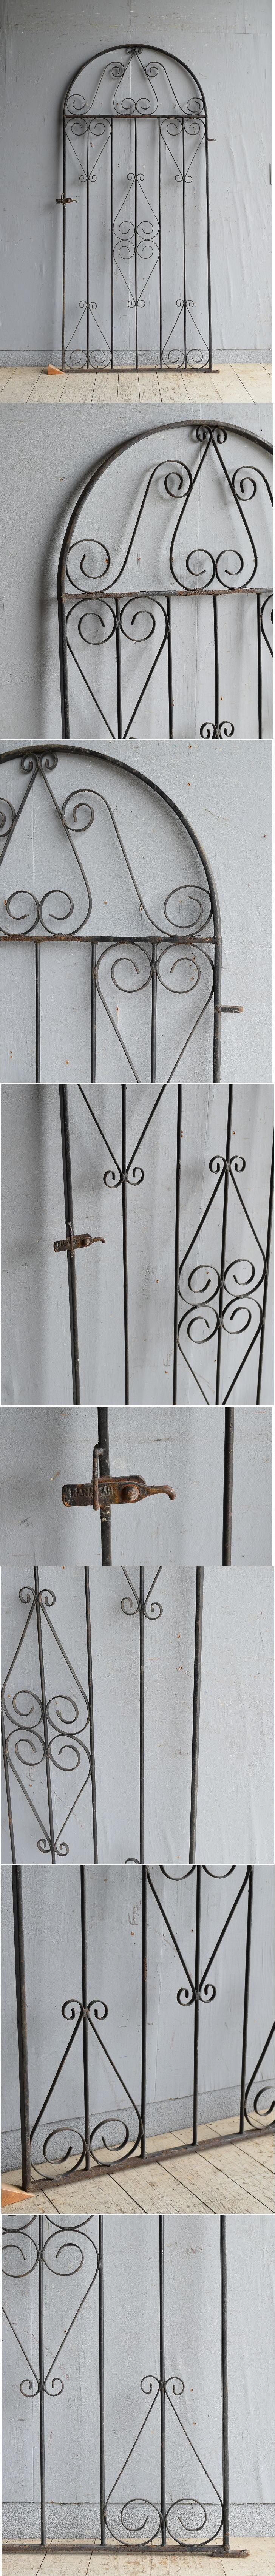 イギリスアンティーク アイアンフェンス ゲート柵 ガーデニング 8628